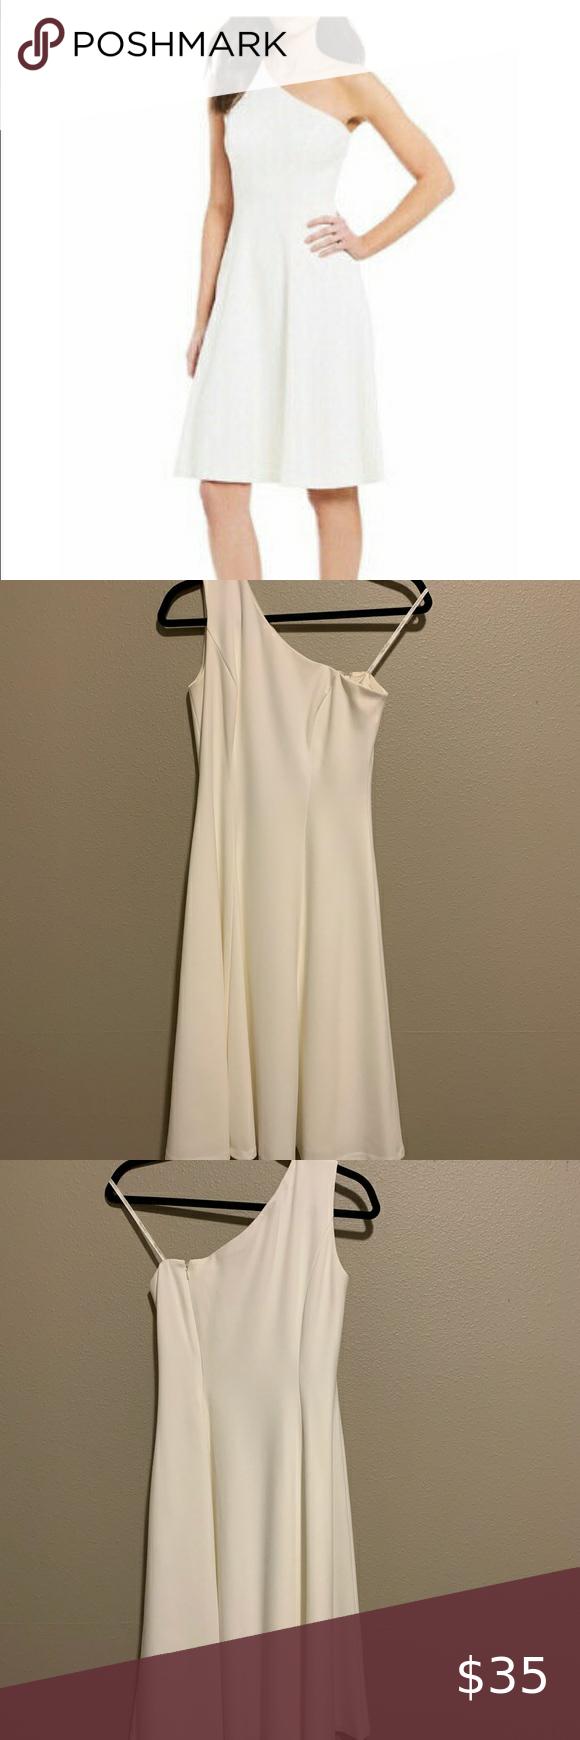 Ck One Shoulder Fit Flare Cocktail Dress Fit And Flare Cocktail Dress Fit Flare Cocktail Dress [ 1740 x 580 Pixel ]